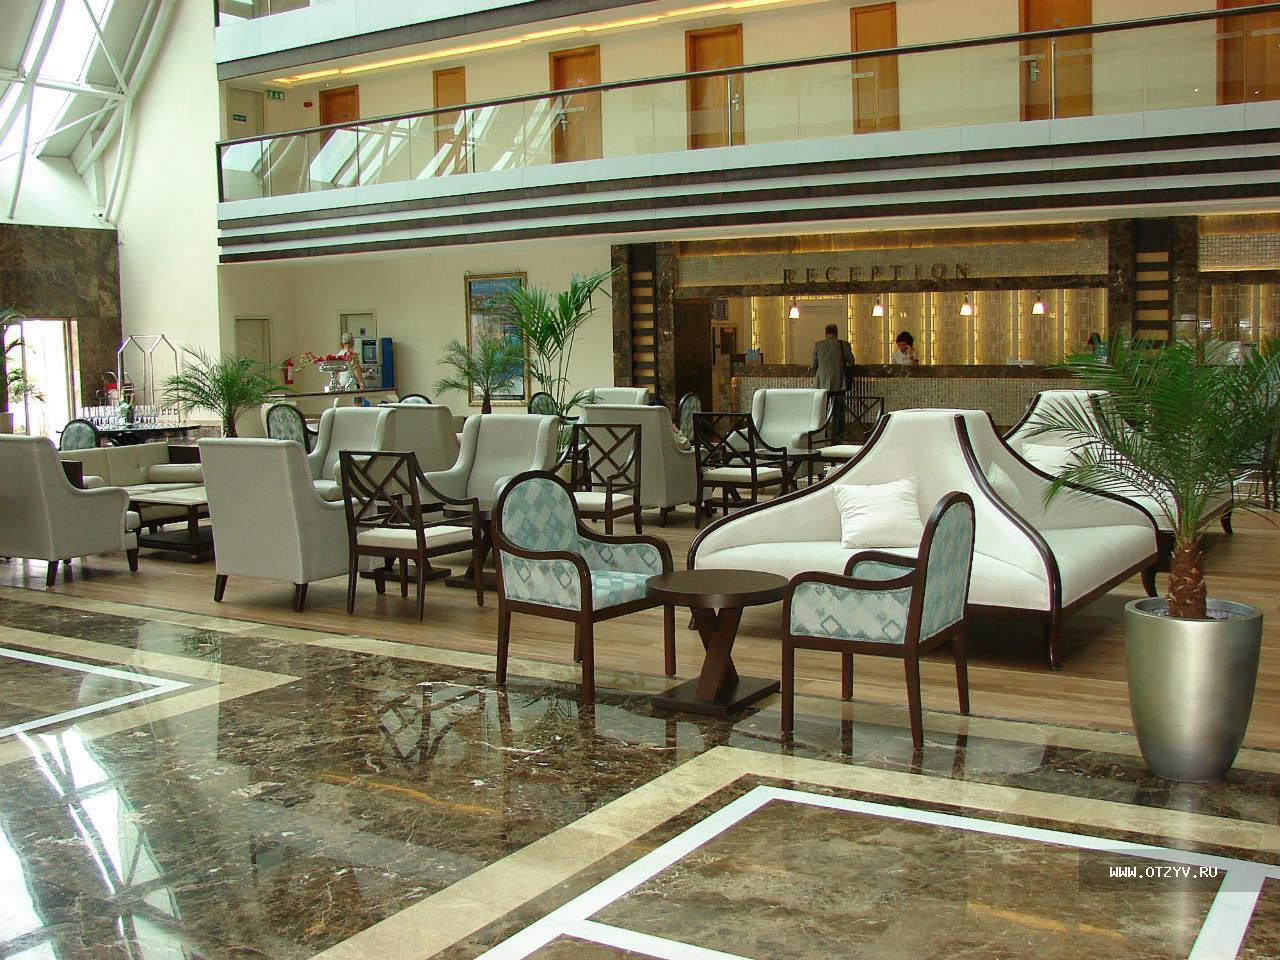 финал турция отель либерти лара отзывы фото считает